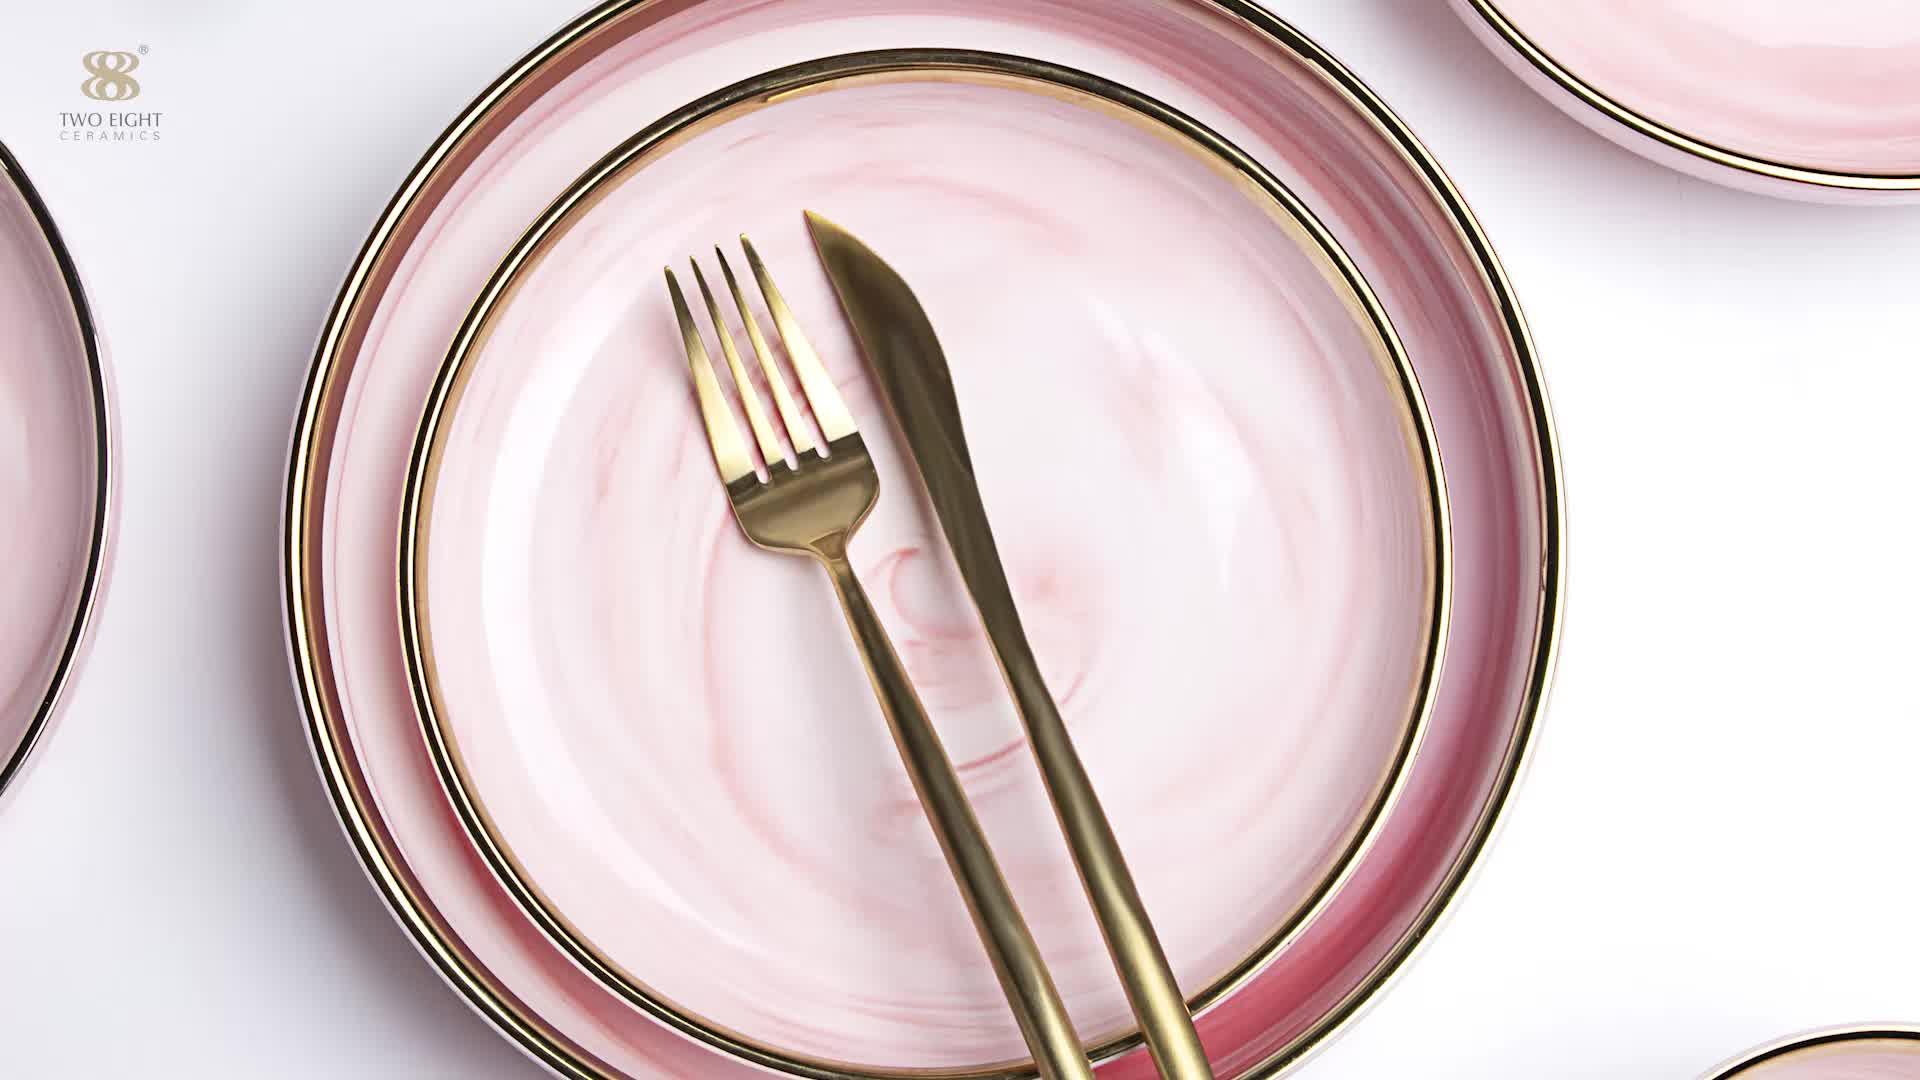 Neueste Dinner Set Mit Beliebte Design Catering Liefert Gold Gericht Marmor, Geschirr Geschirr Gold Luxus Marmor>